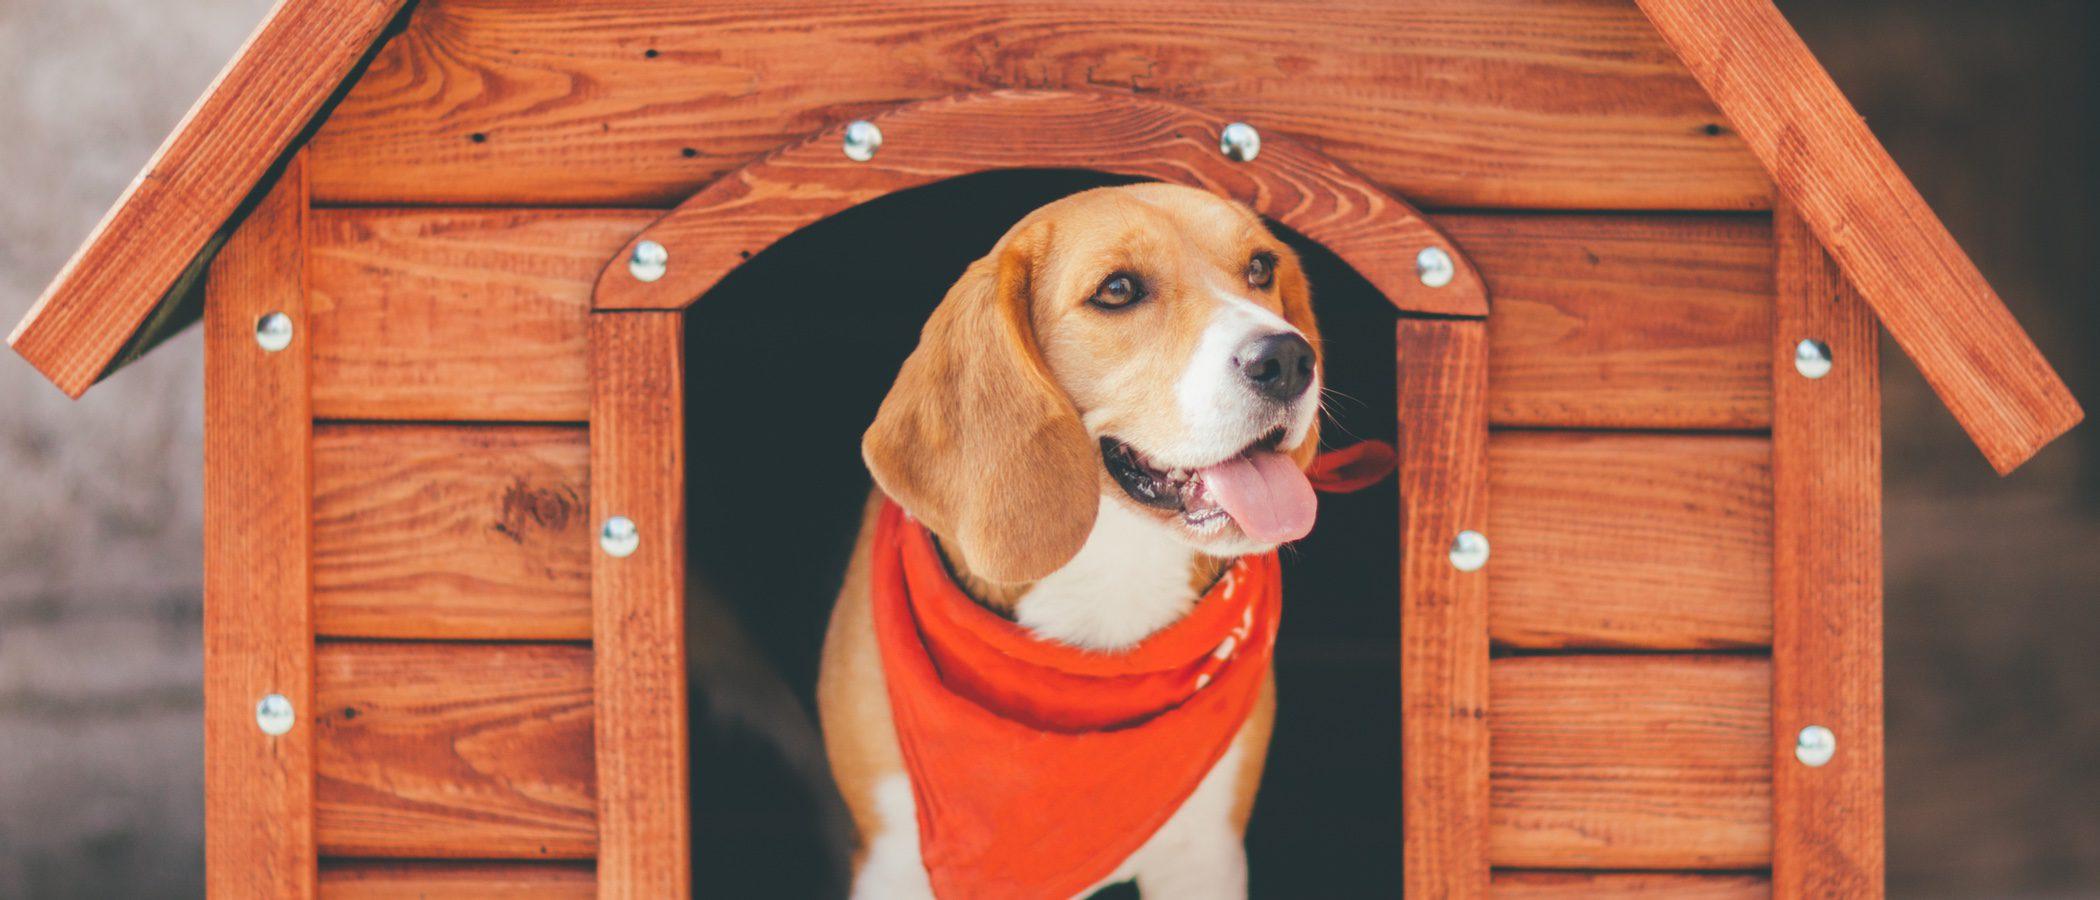 Pautas para escoger la caseta más adecuada para tu perro